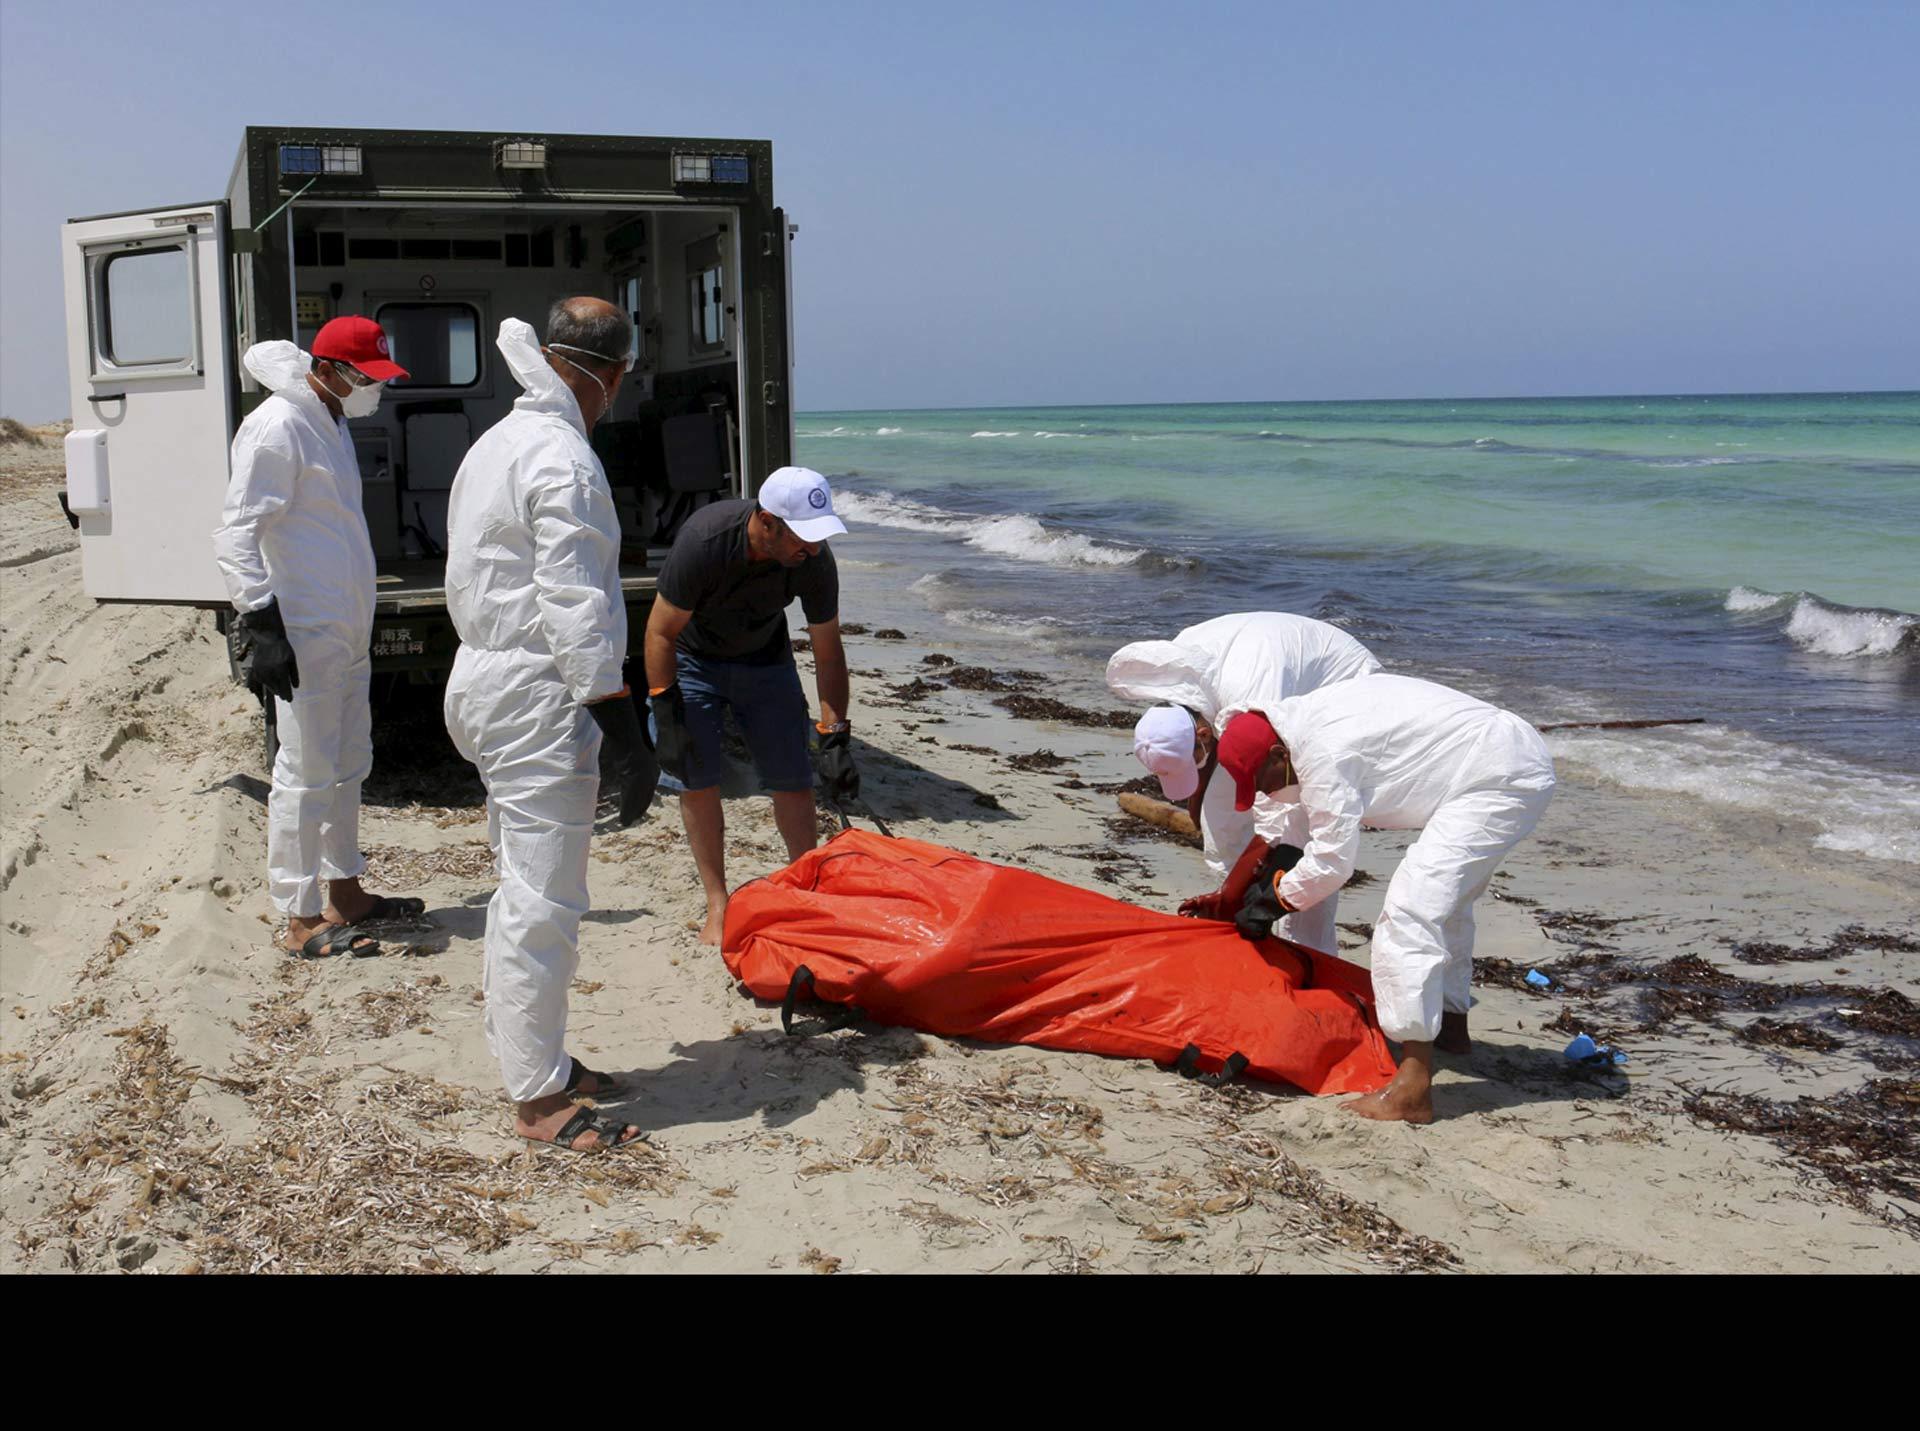 Al menos 200 personas fallecieron por ahogamiento en el Mediterráneo, según la guardia costera libia